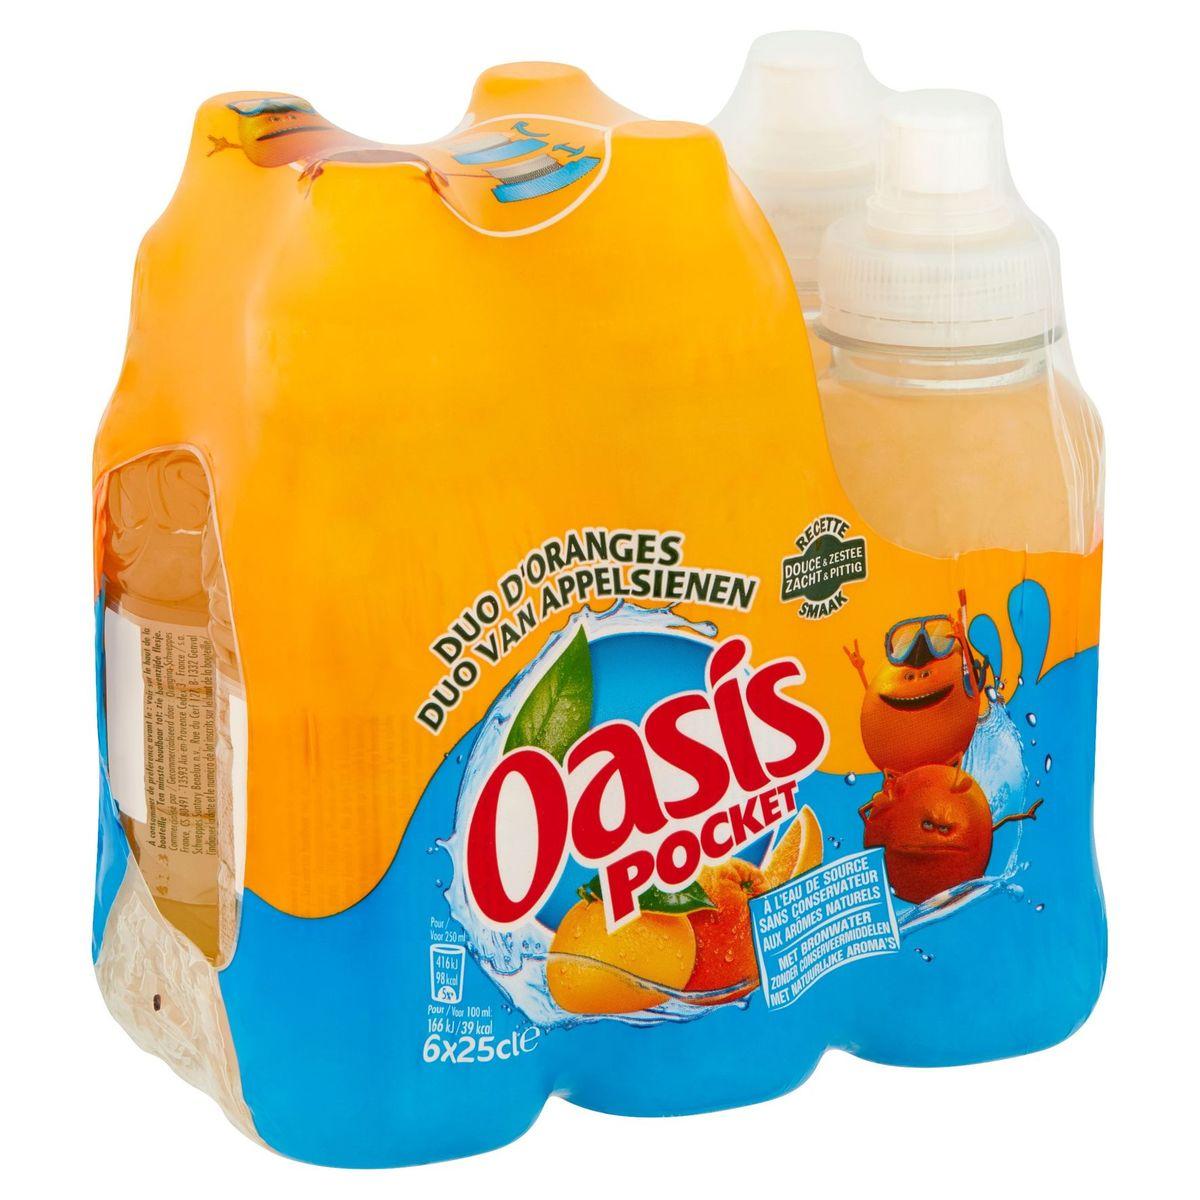 Oasis Pocket Duo van Appelsienen 6 x 25 cl